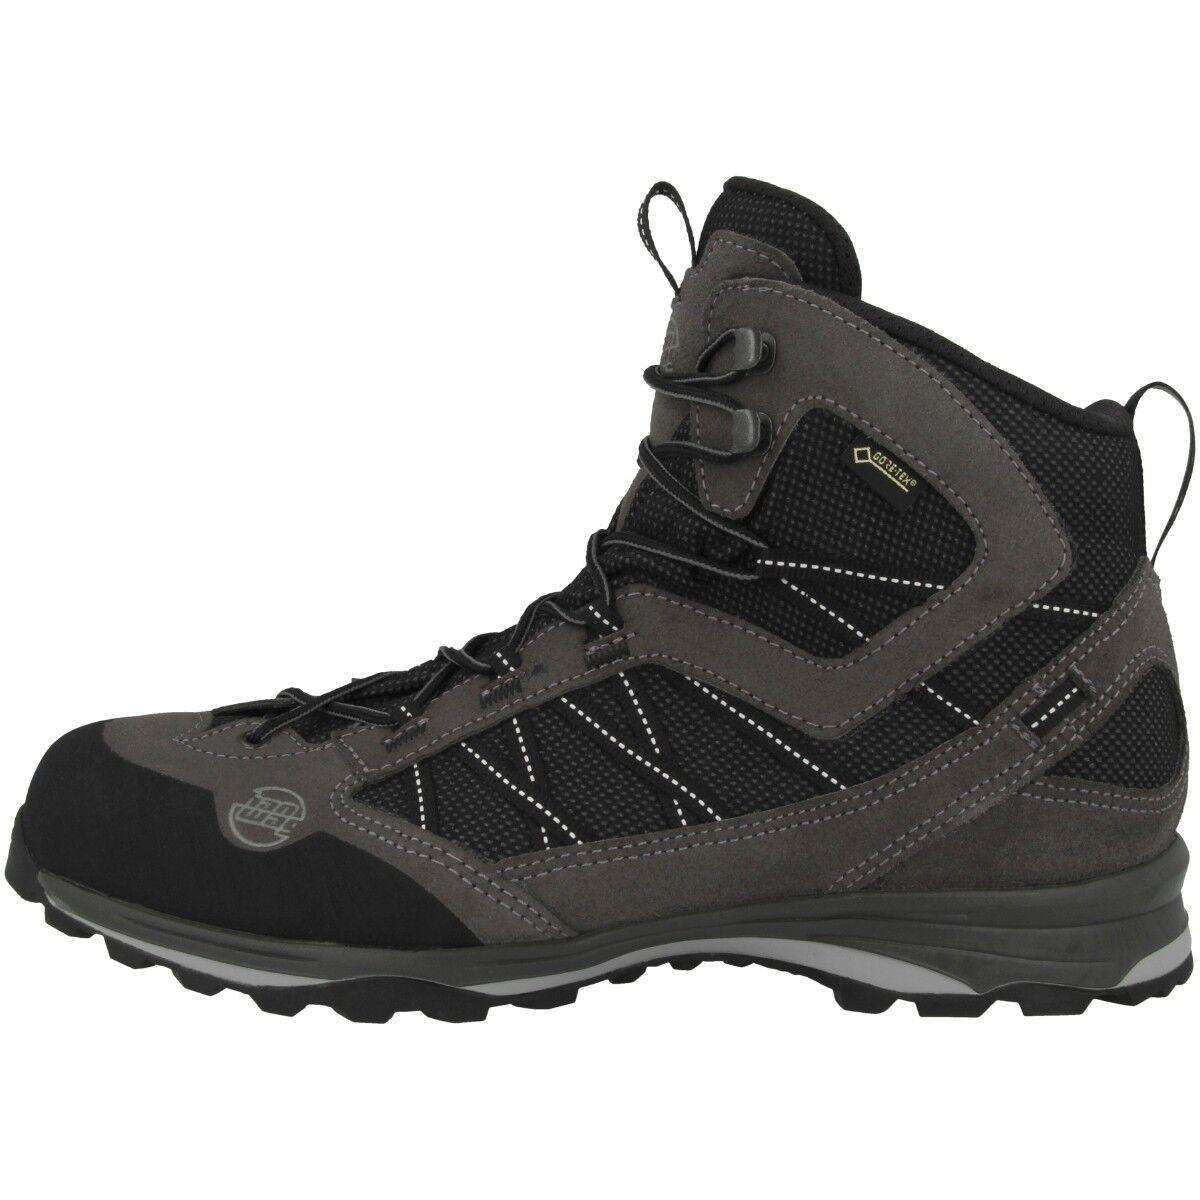 Hanwag Belorado II Mid GTX Stiefel Herren Gore-Tex Outdoor Schuhe 201000-064012 201000-064012 Schuhe f248a4